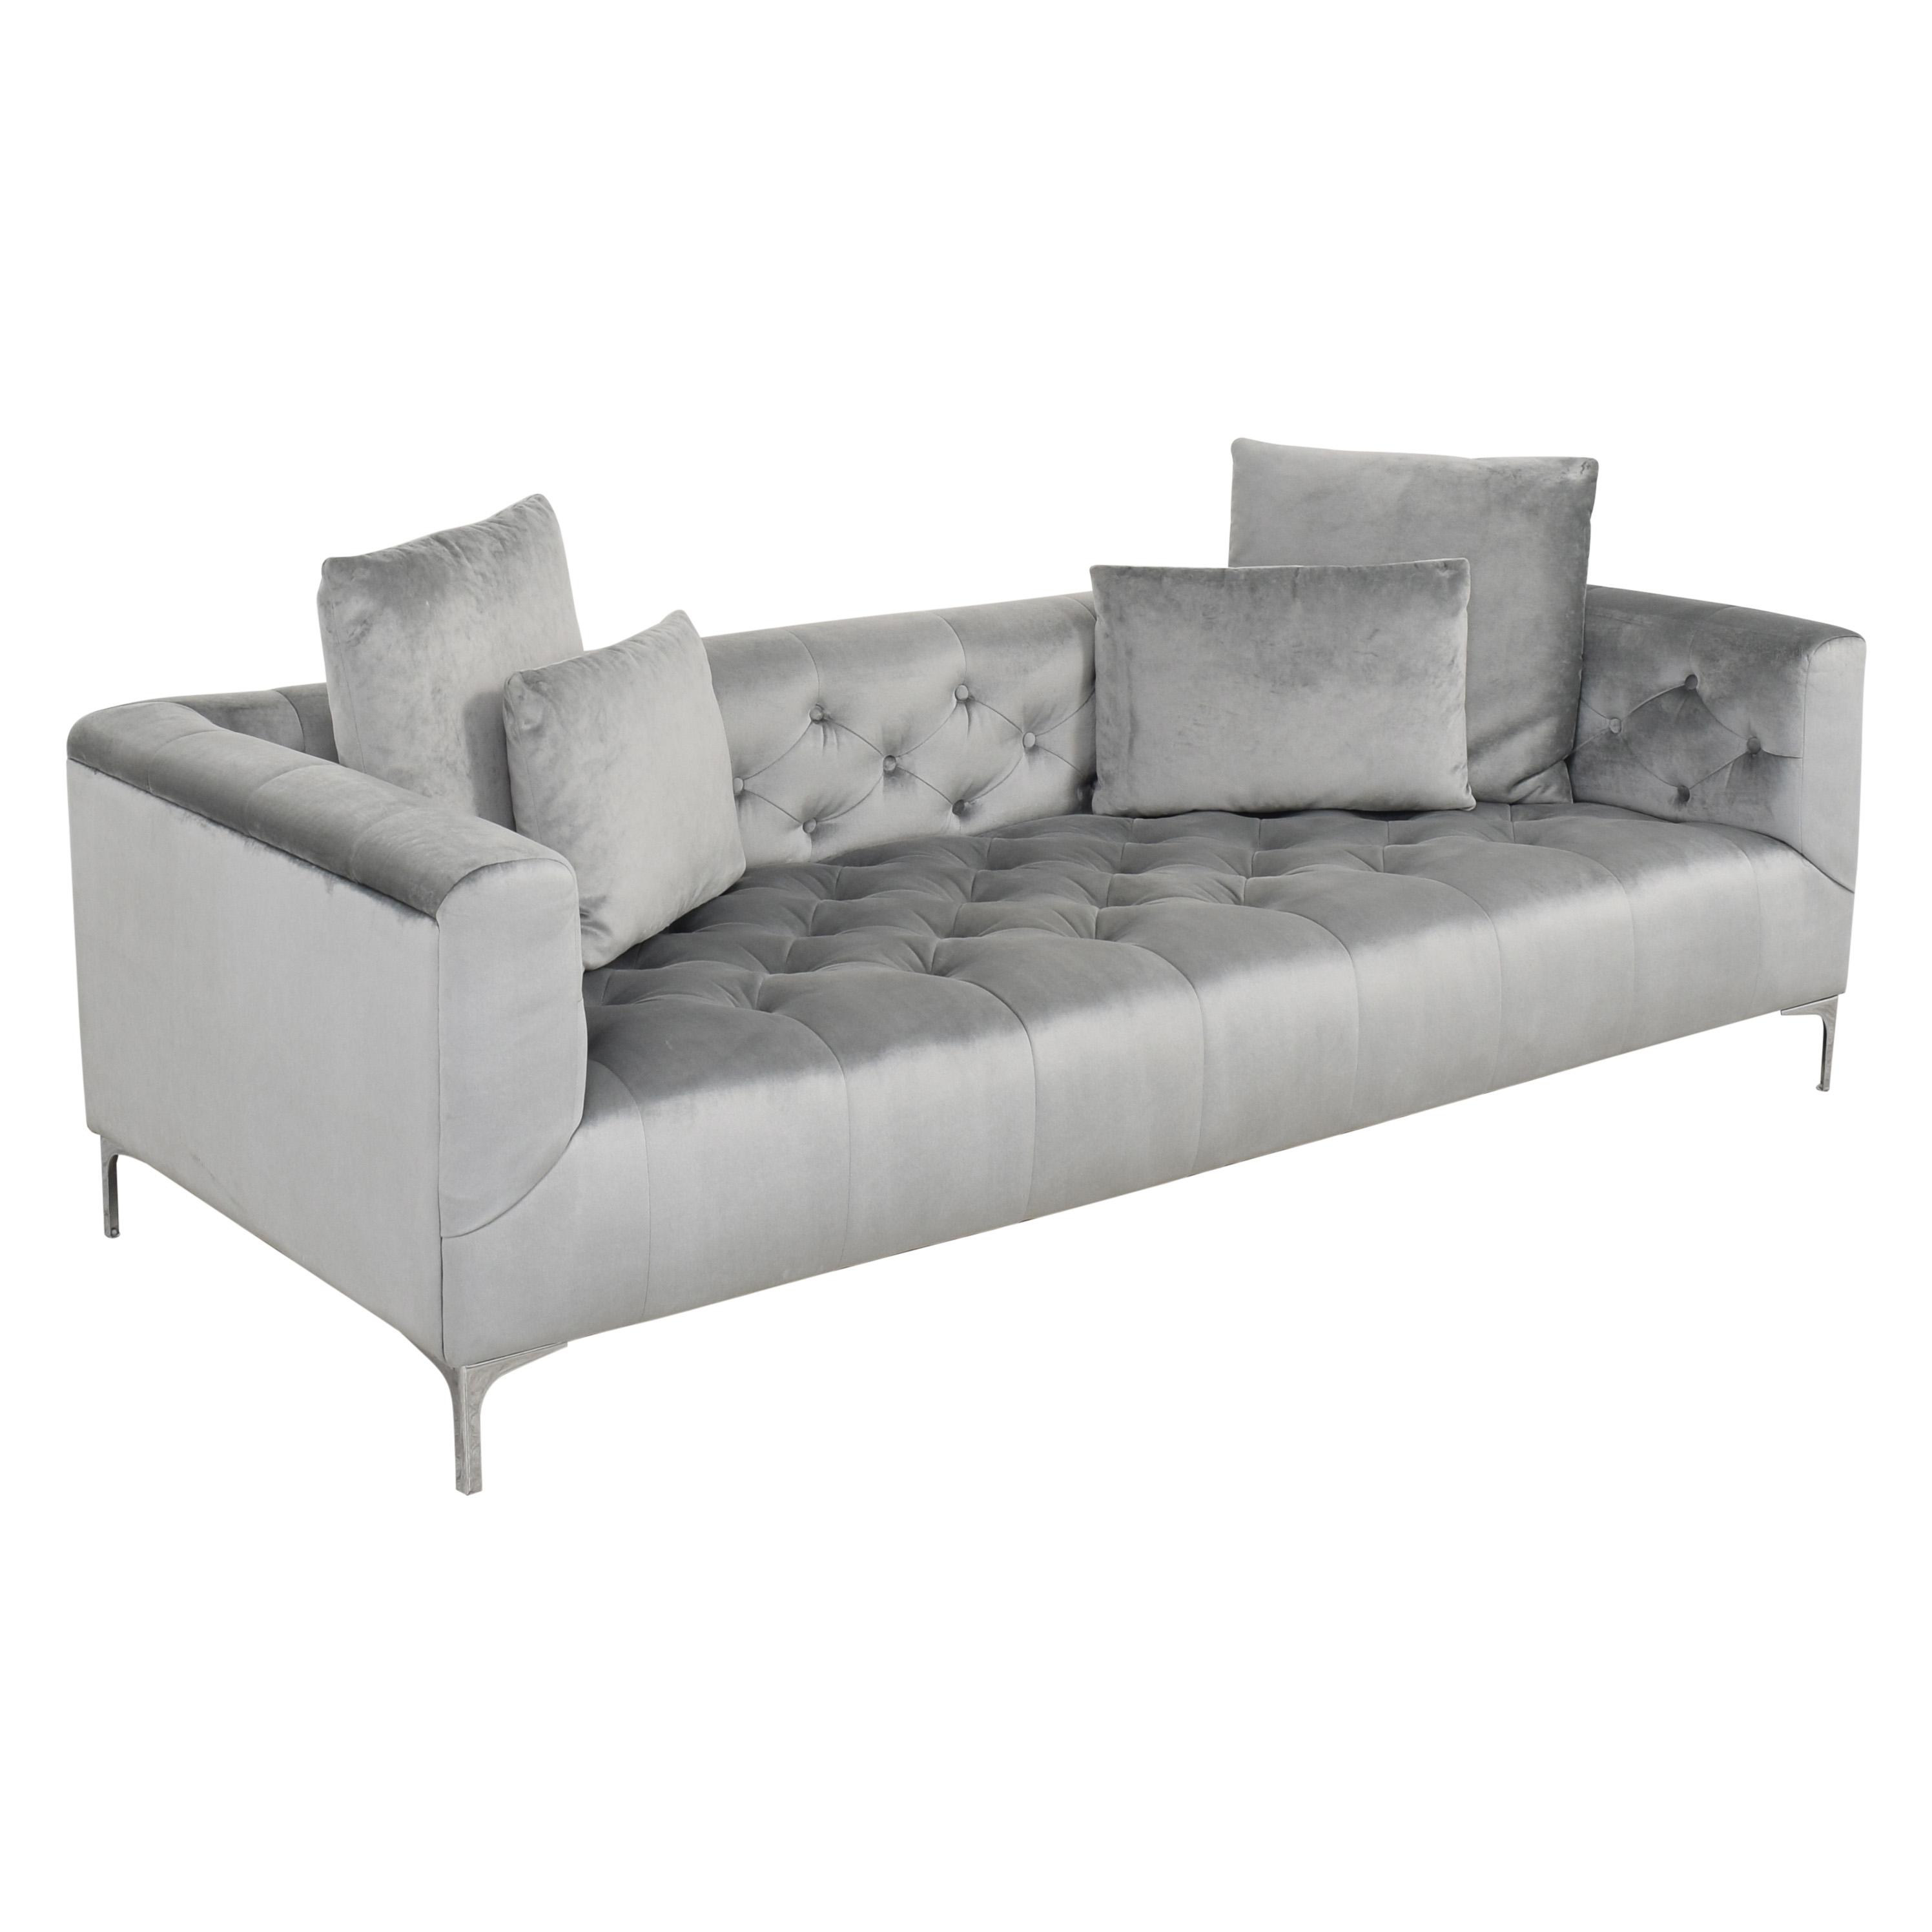 Interior Define Ms. Chesterfield Sofa sale